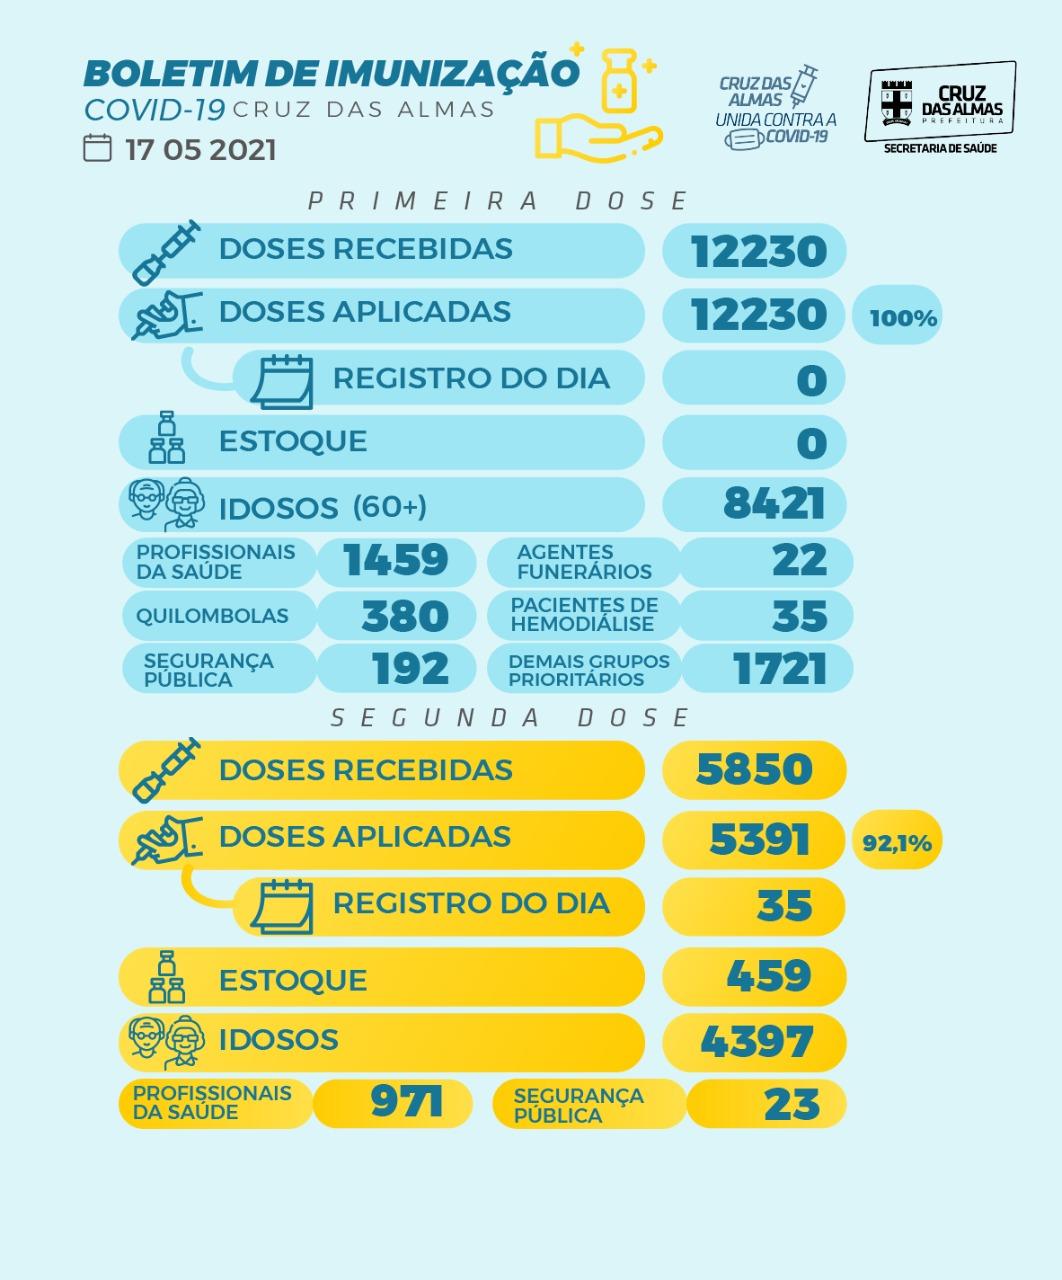 BOLETIM DE IMUNIZAÇÃO 17/05/2021